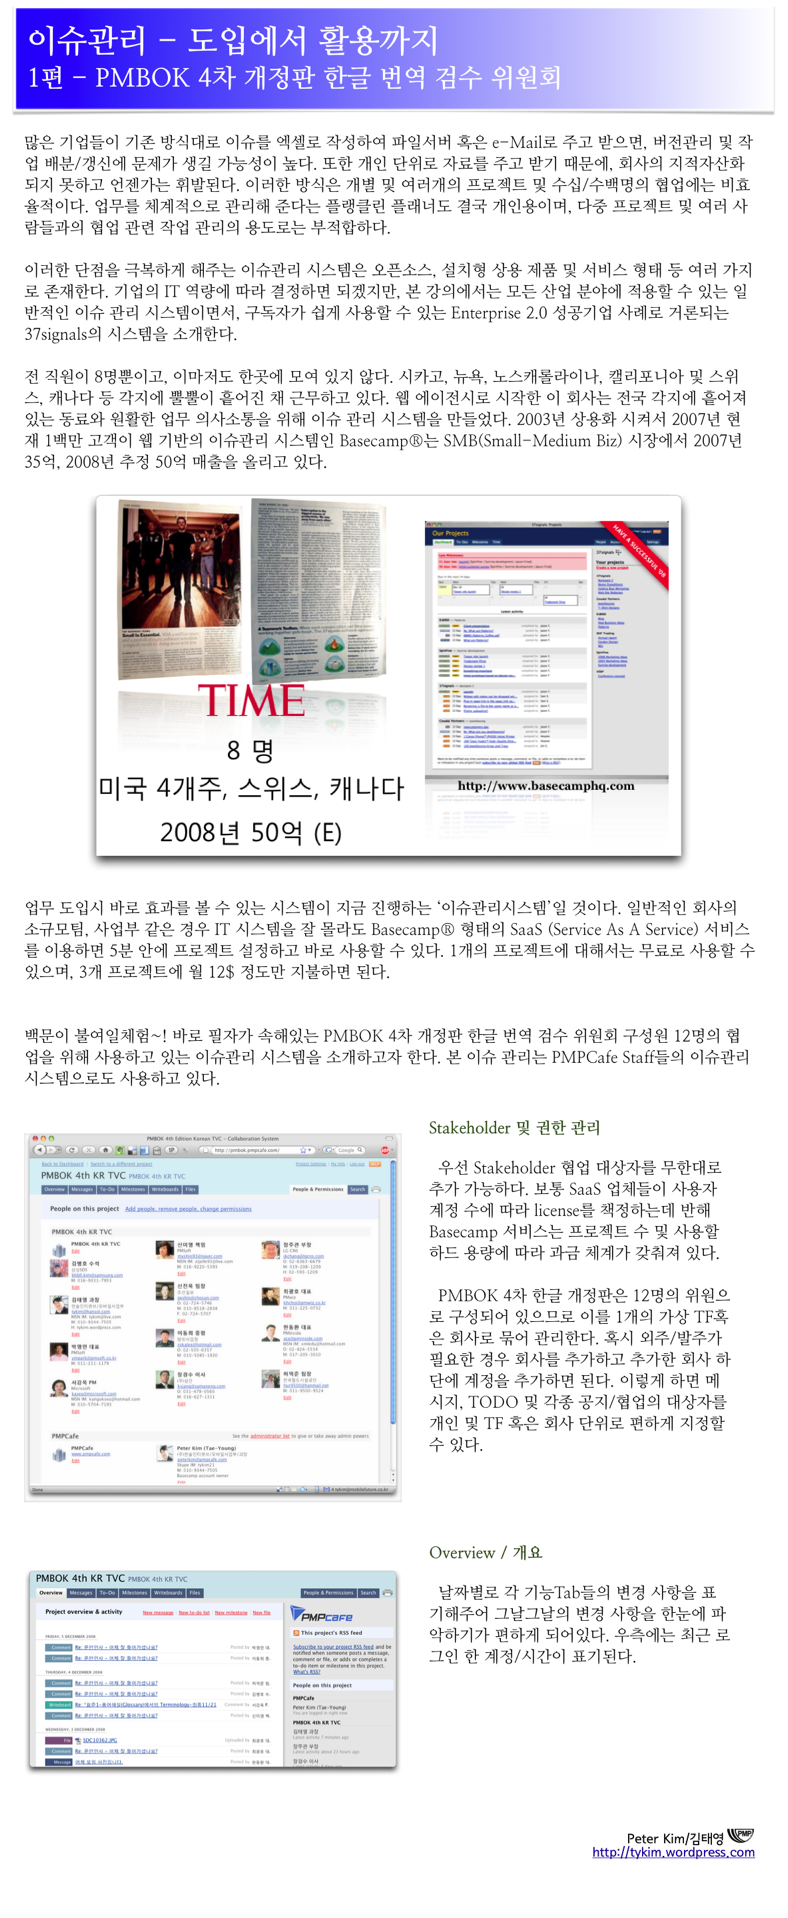 이슈관리 도입사례-1편-PMBOK-01-blur.png